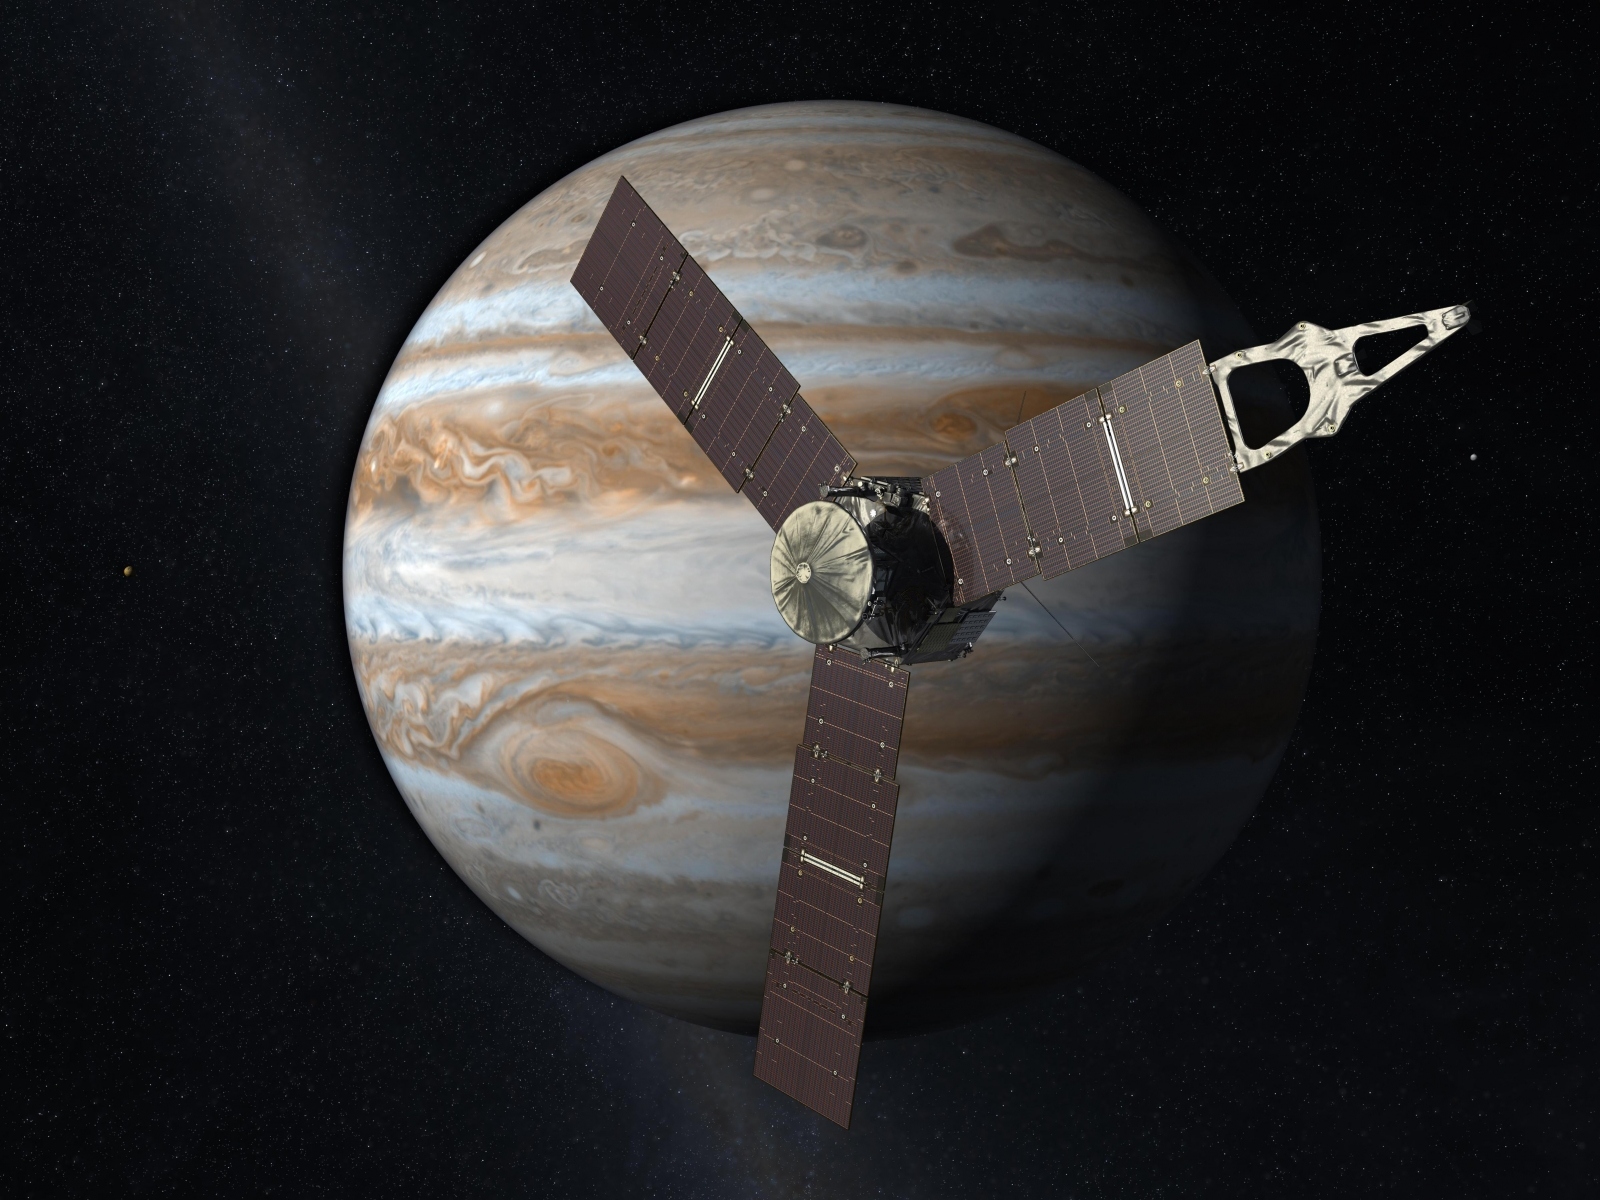 Juno spacecraft with Jupiter